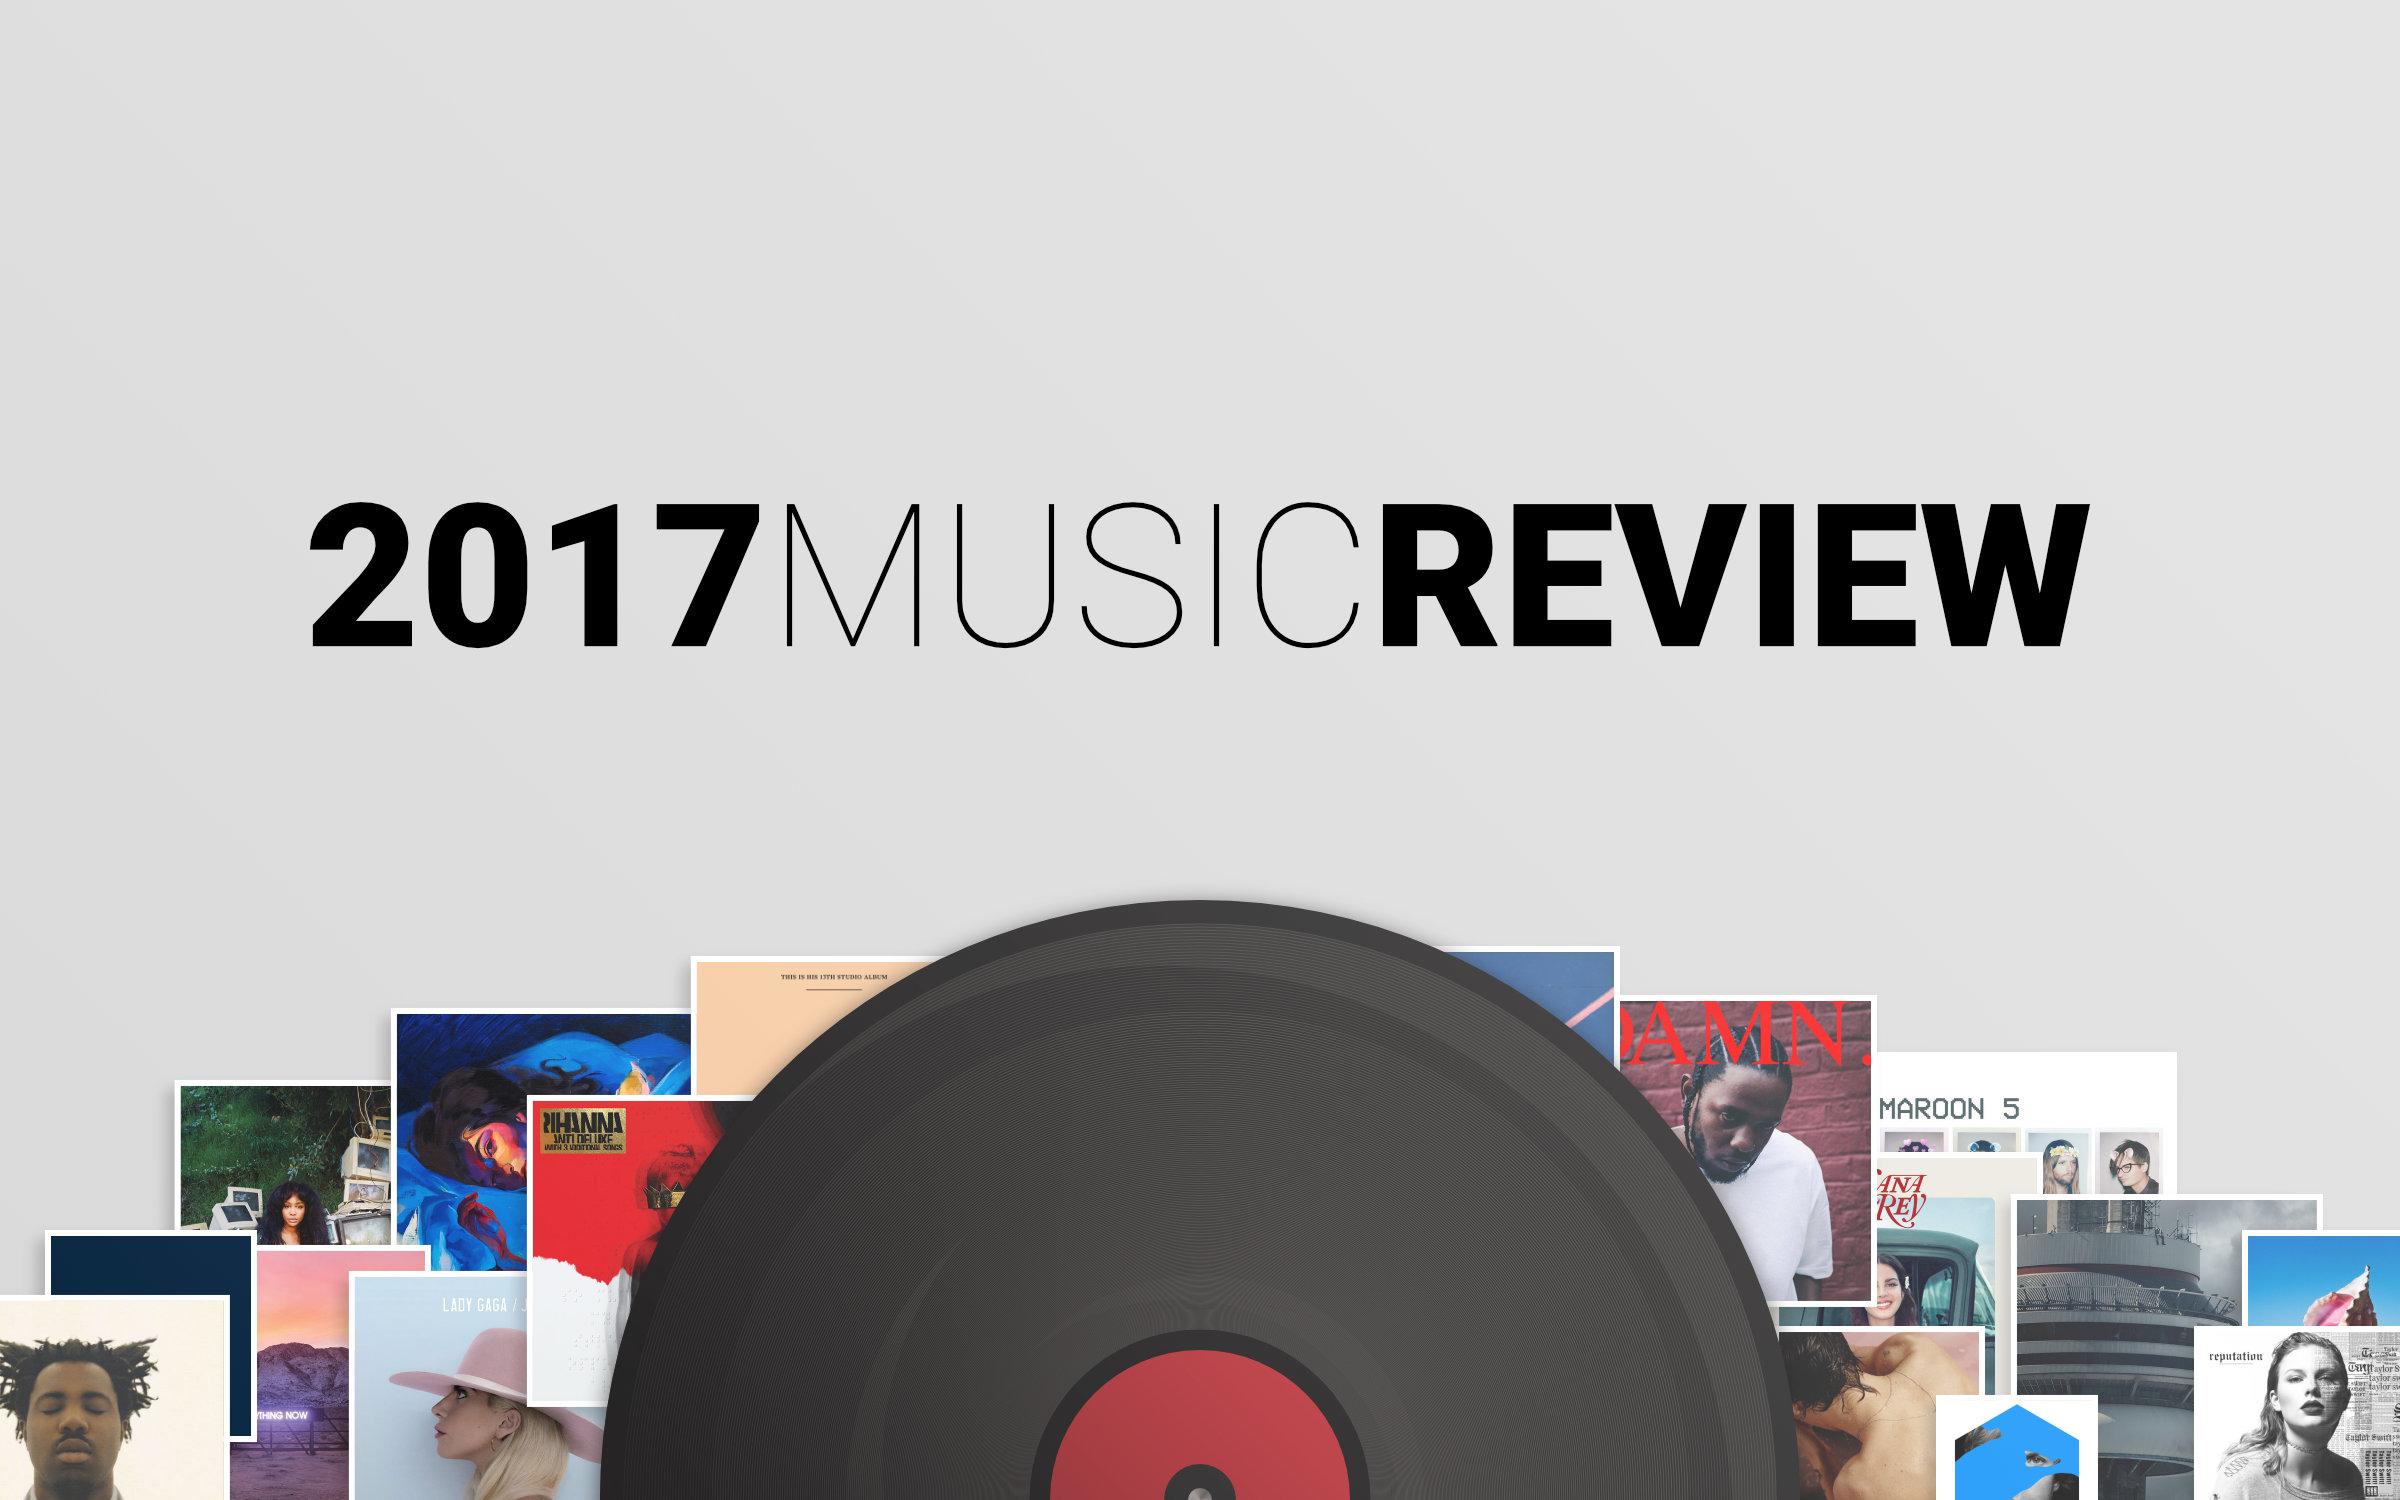 2017 听音回顾